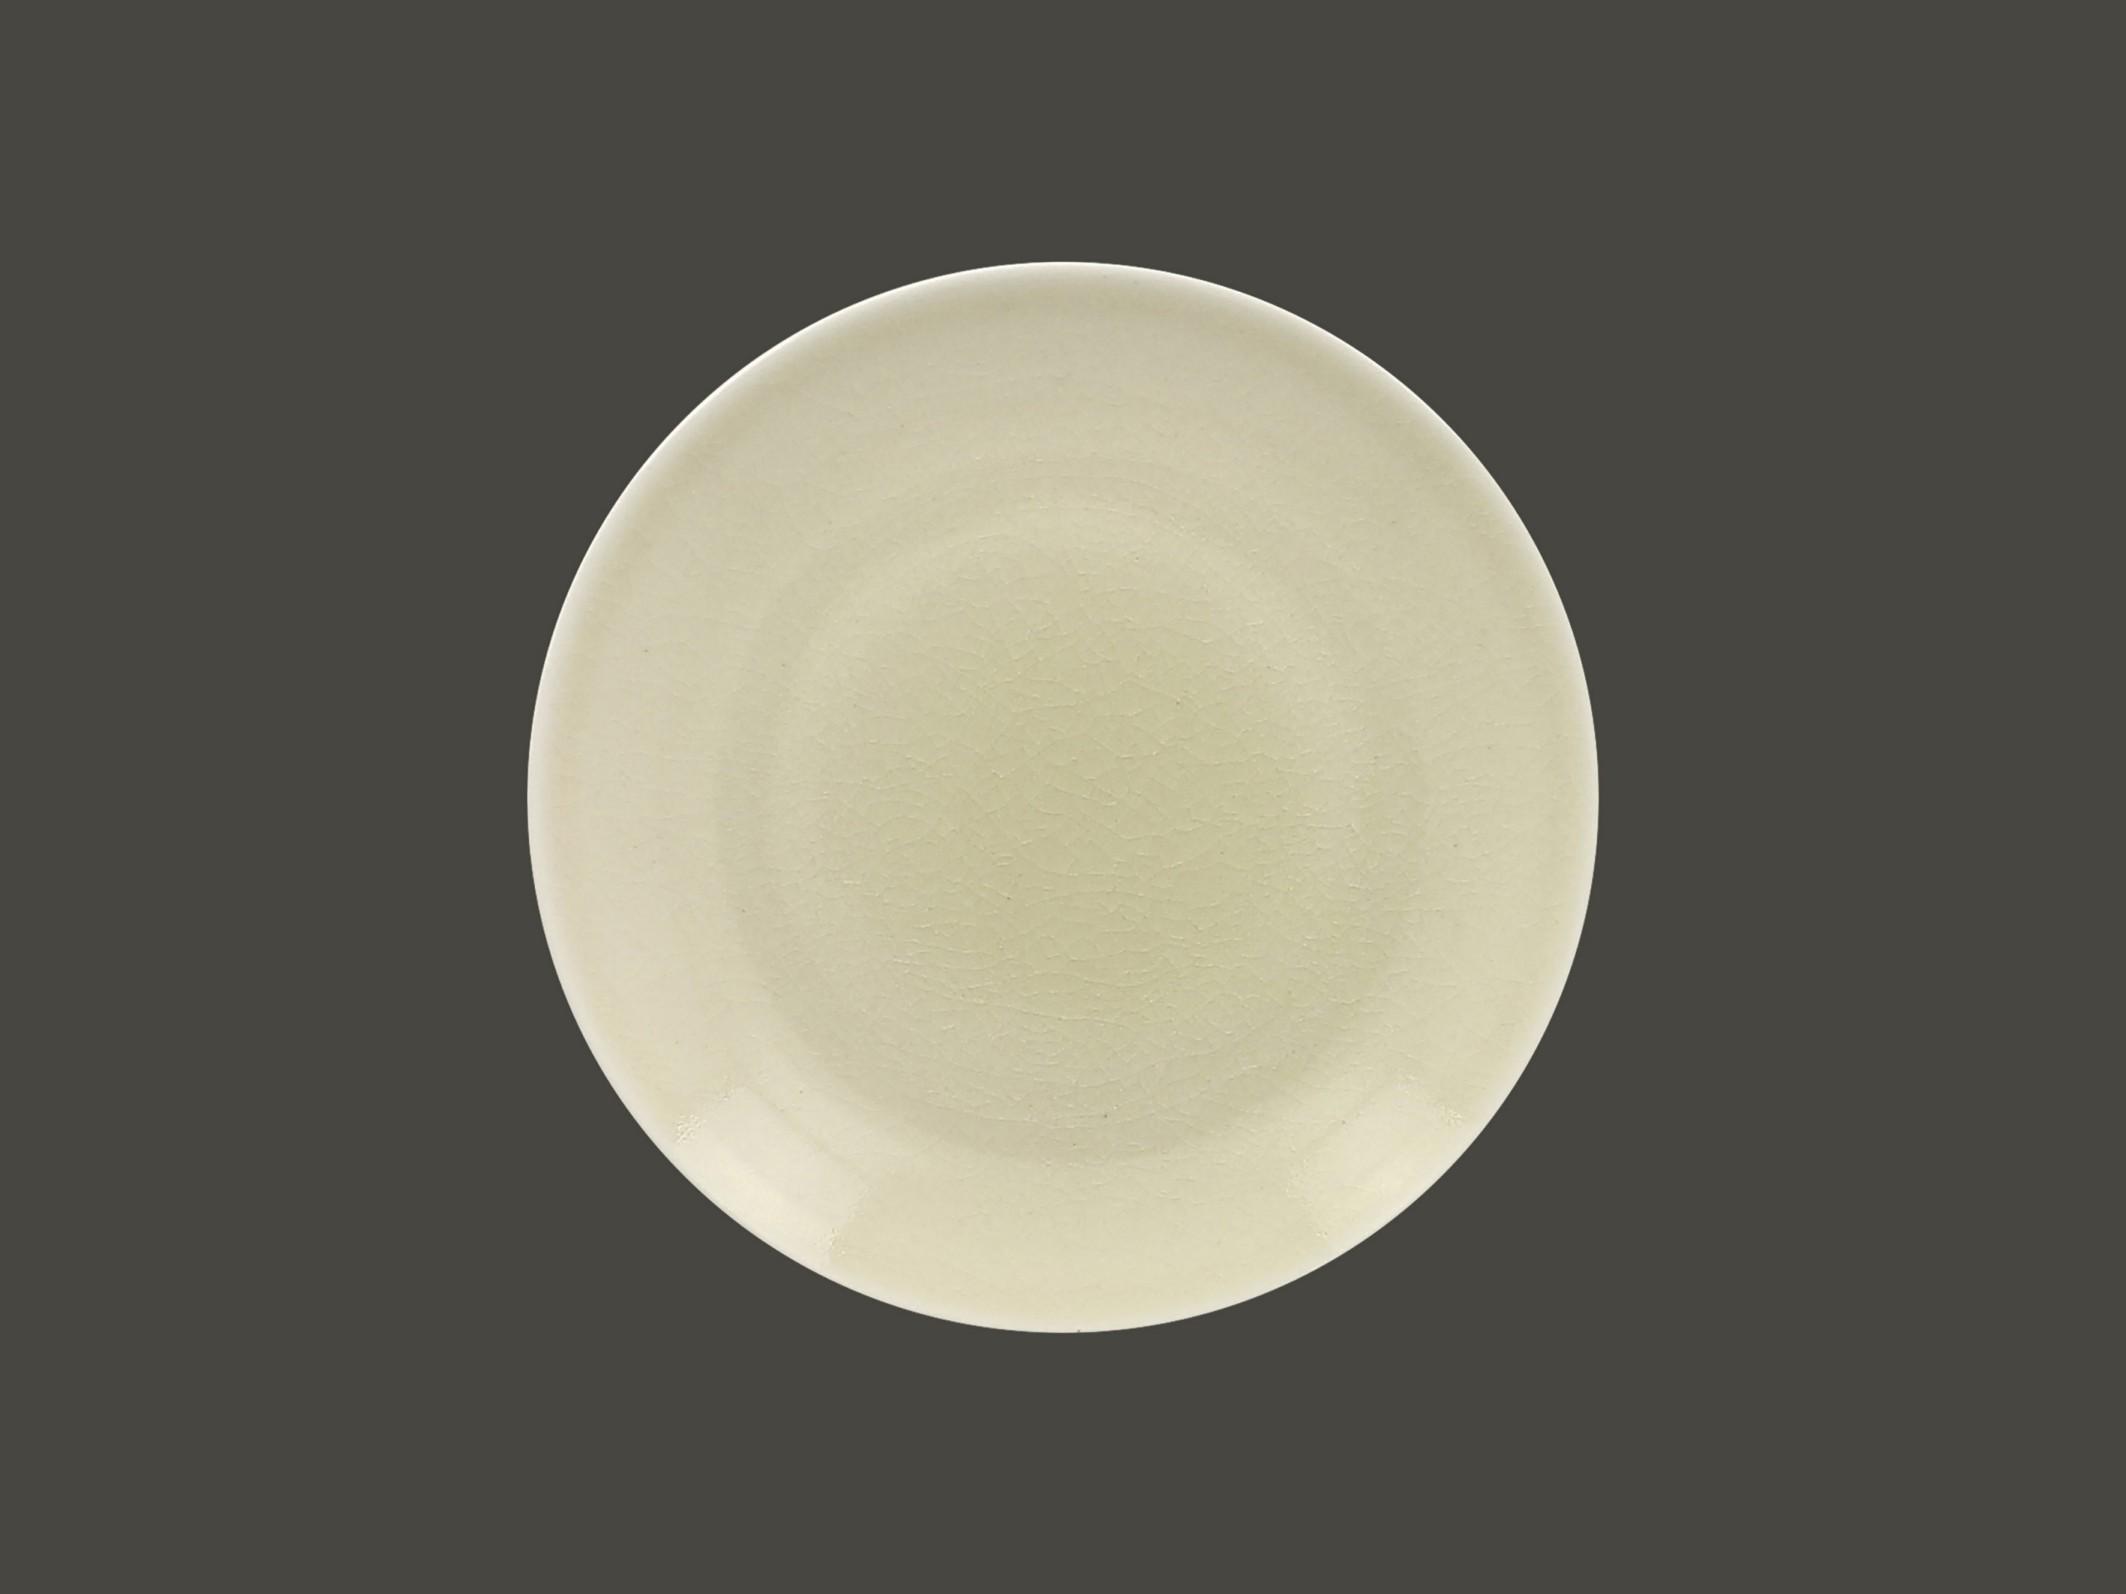 mělký coupe talíř - pearly Vintage